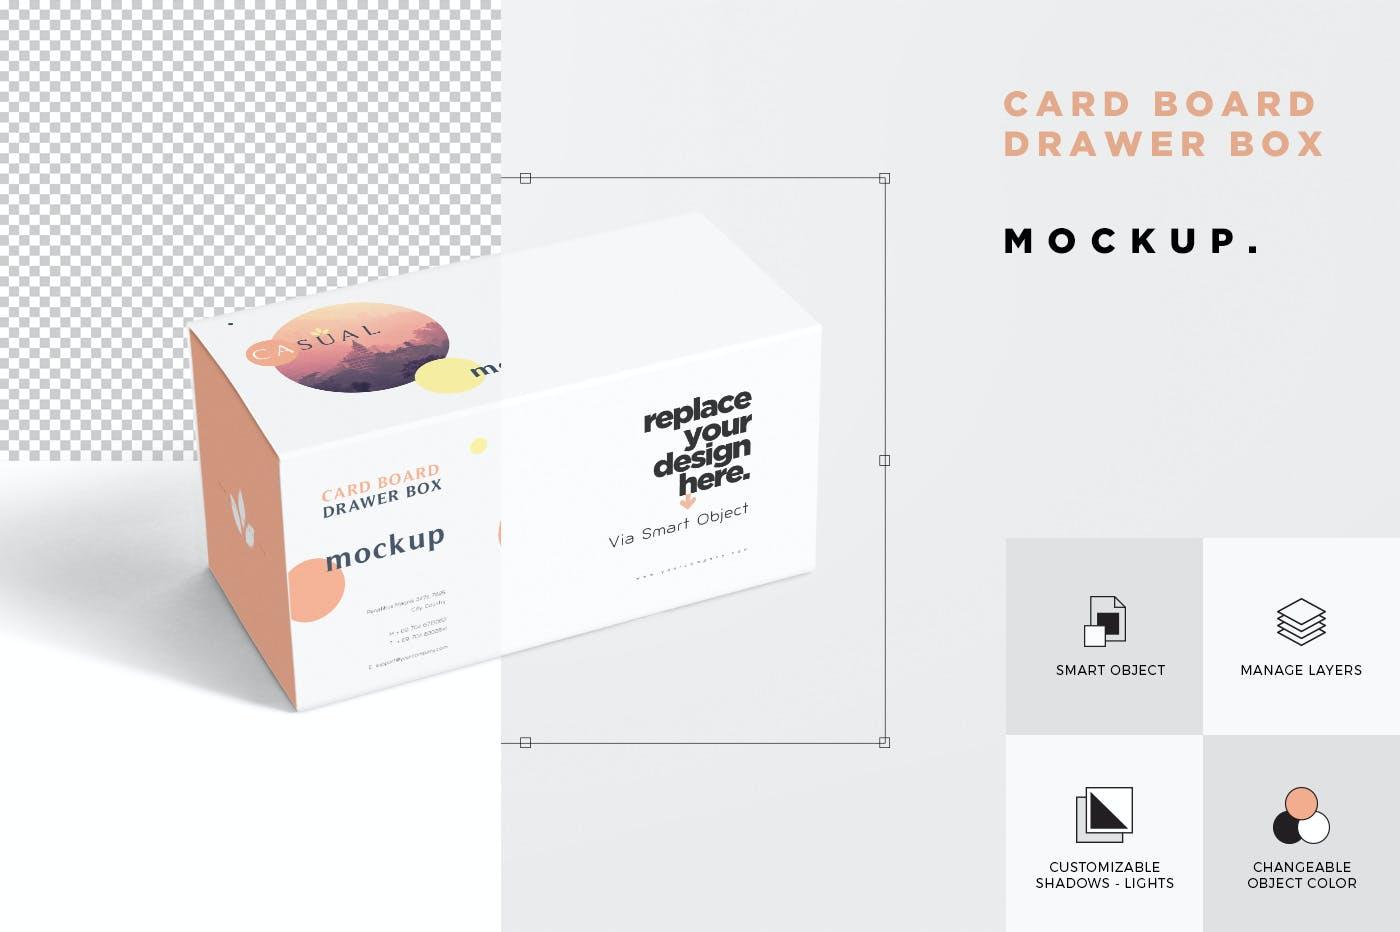 抽屉产品包装盒外观设计样机模板 Drawer Box Mockups插图(3)